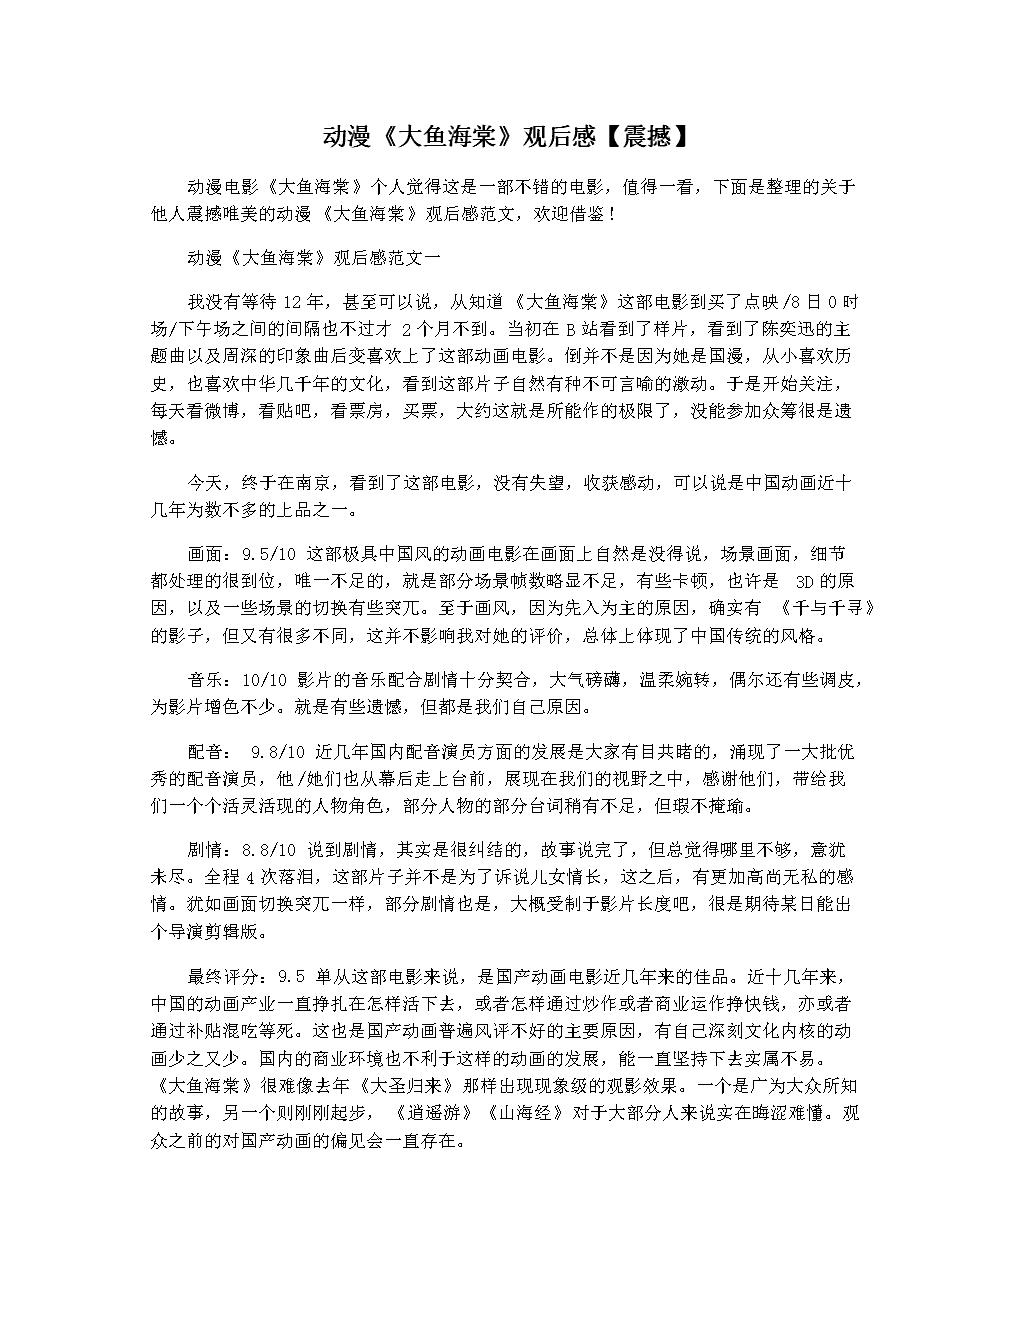 动漫《大鱼海棠》观后感【震撼】.docx